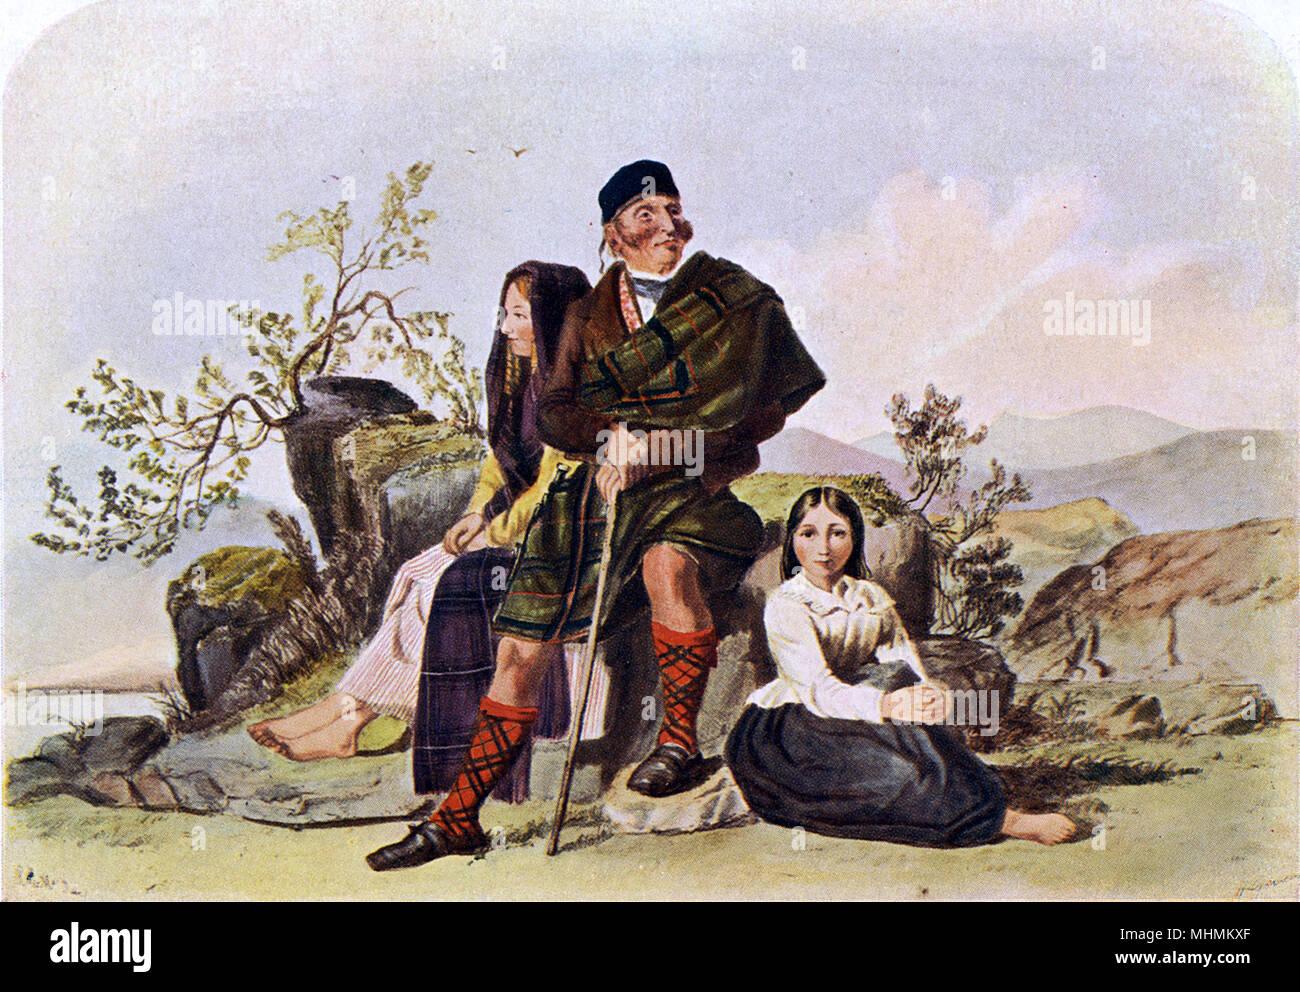 Ritratto di fuorilegge Ewen Macphee & la sua famiglia. Data: 1848 Immagini Stock